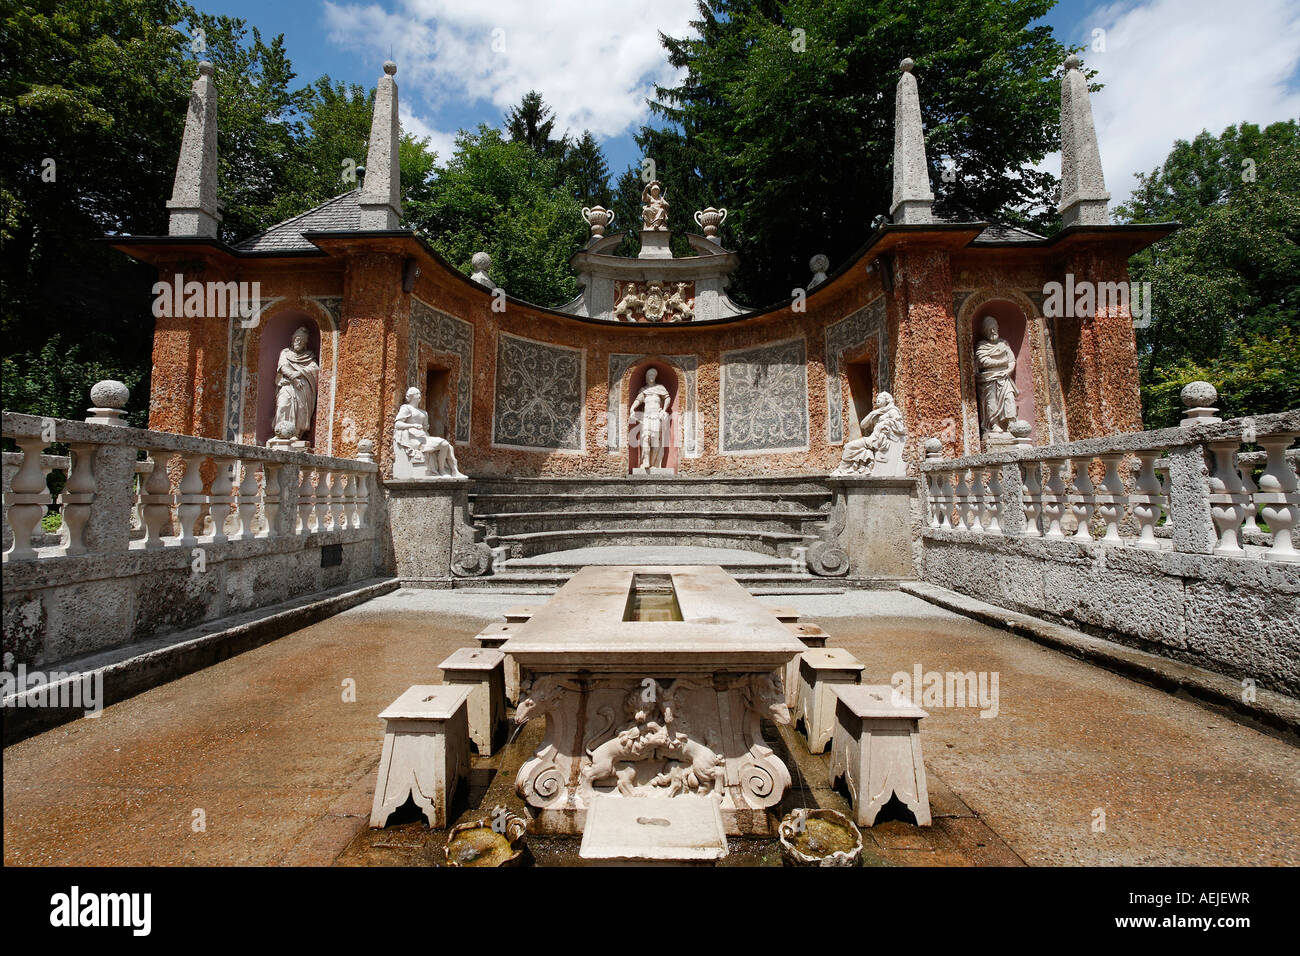 Trickbrunnen, Tisch des Fürsten, Römisches Theater, Hellbrunn, Salzburg, Österreich Stockfoto